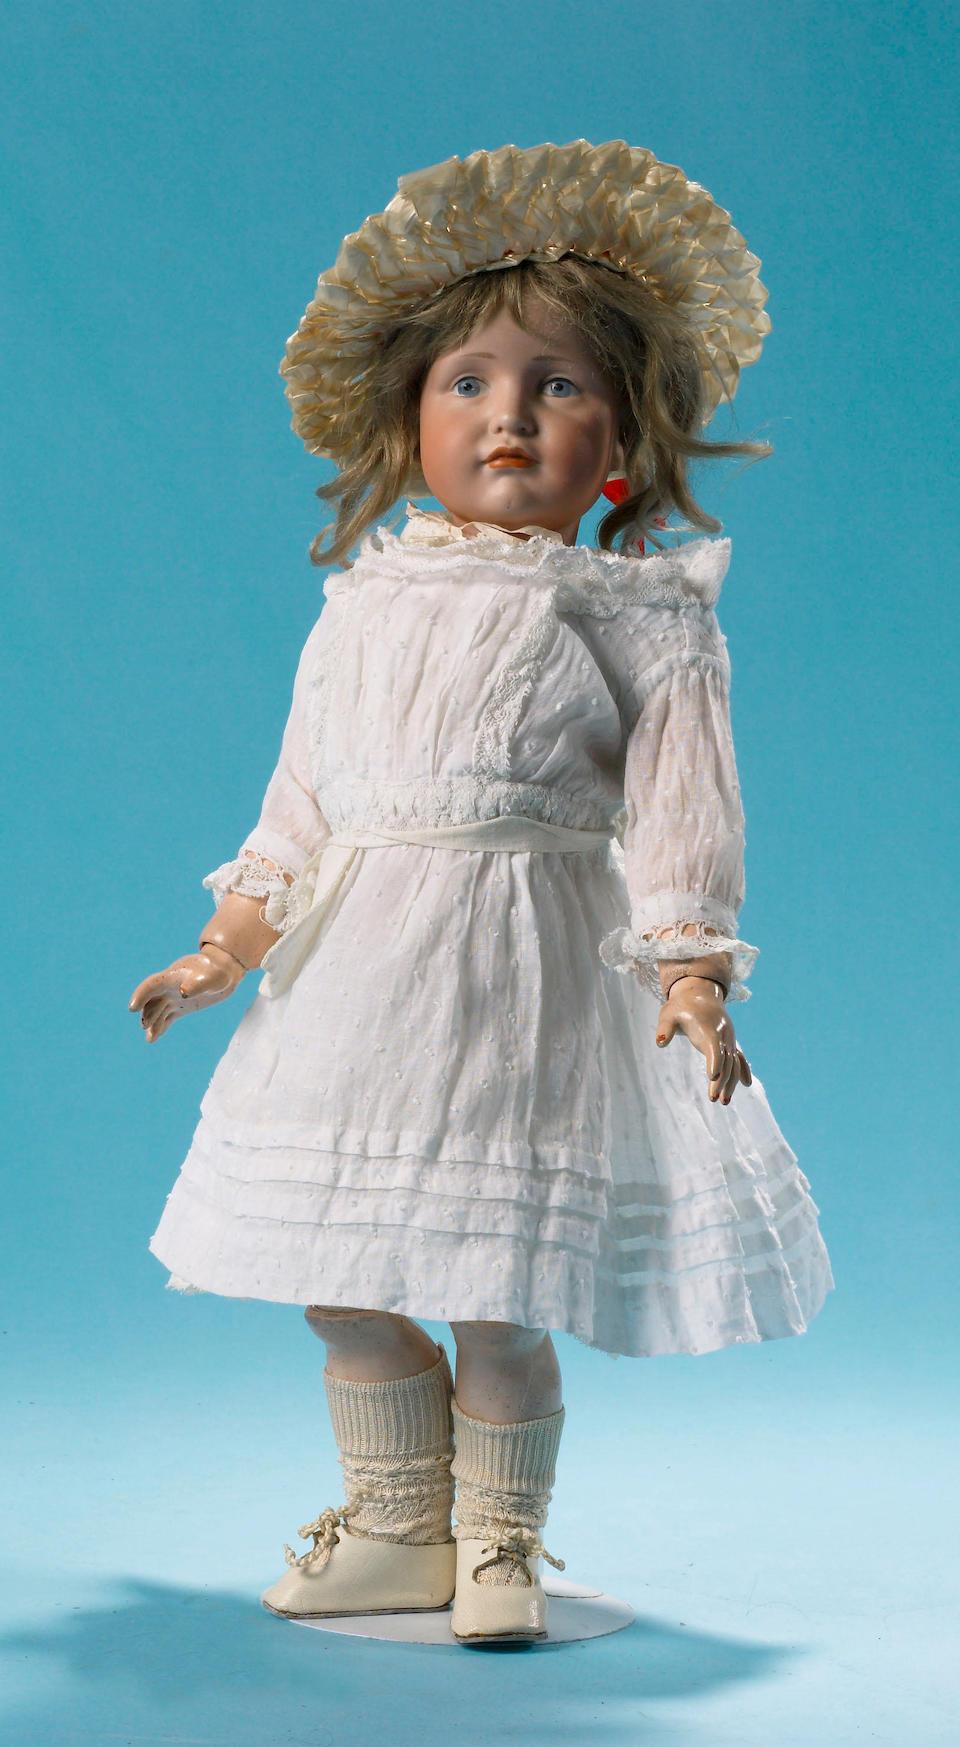 A Kammer & Reinhardt 114 bisque character doll, circa 1910